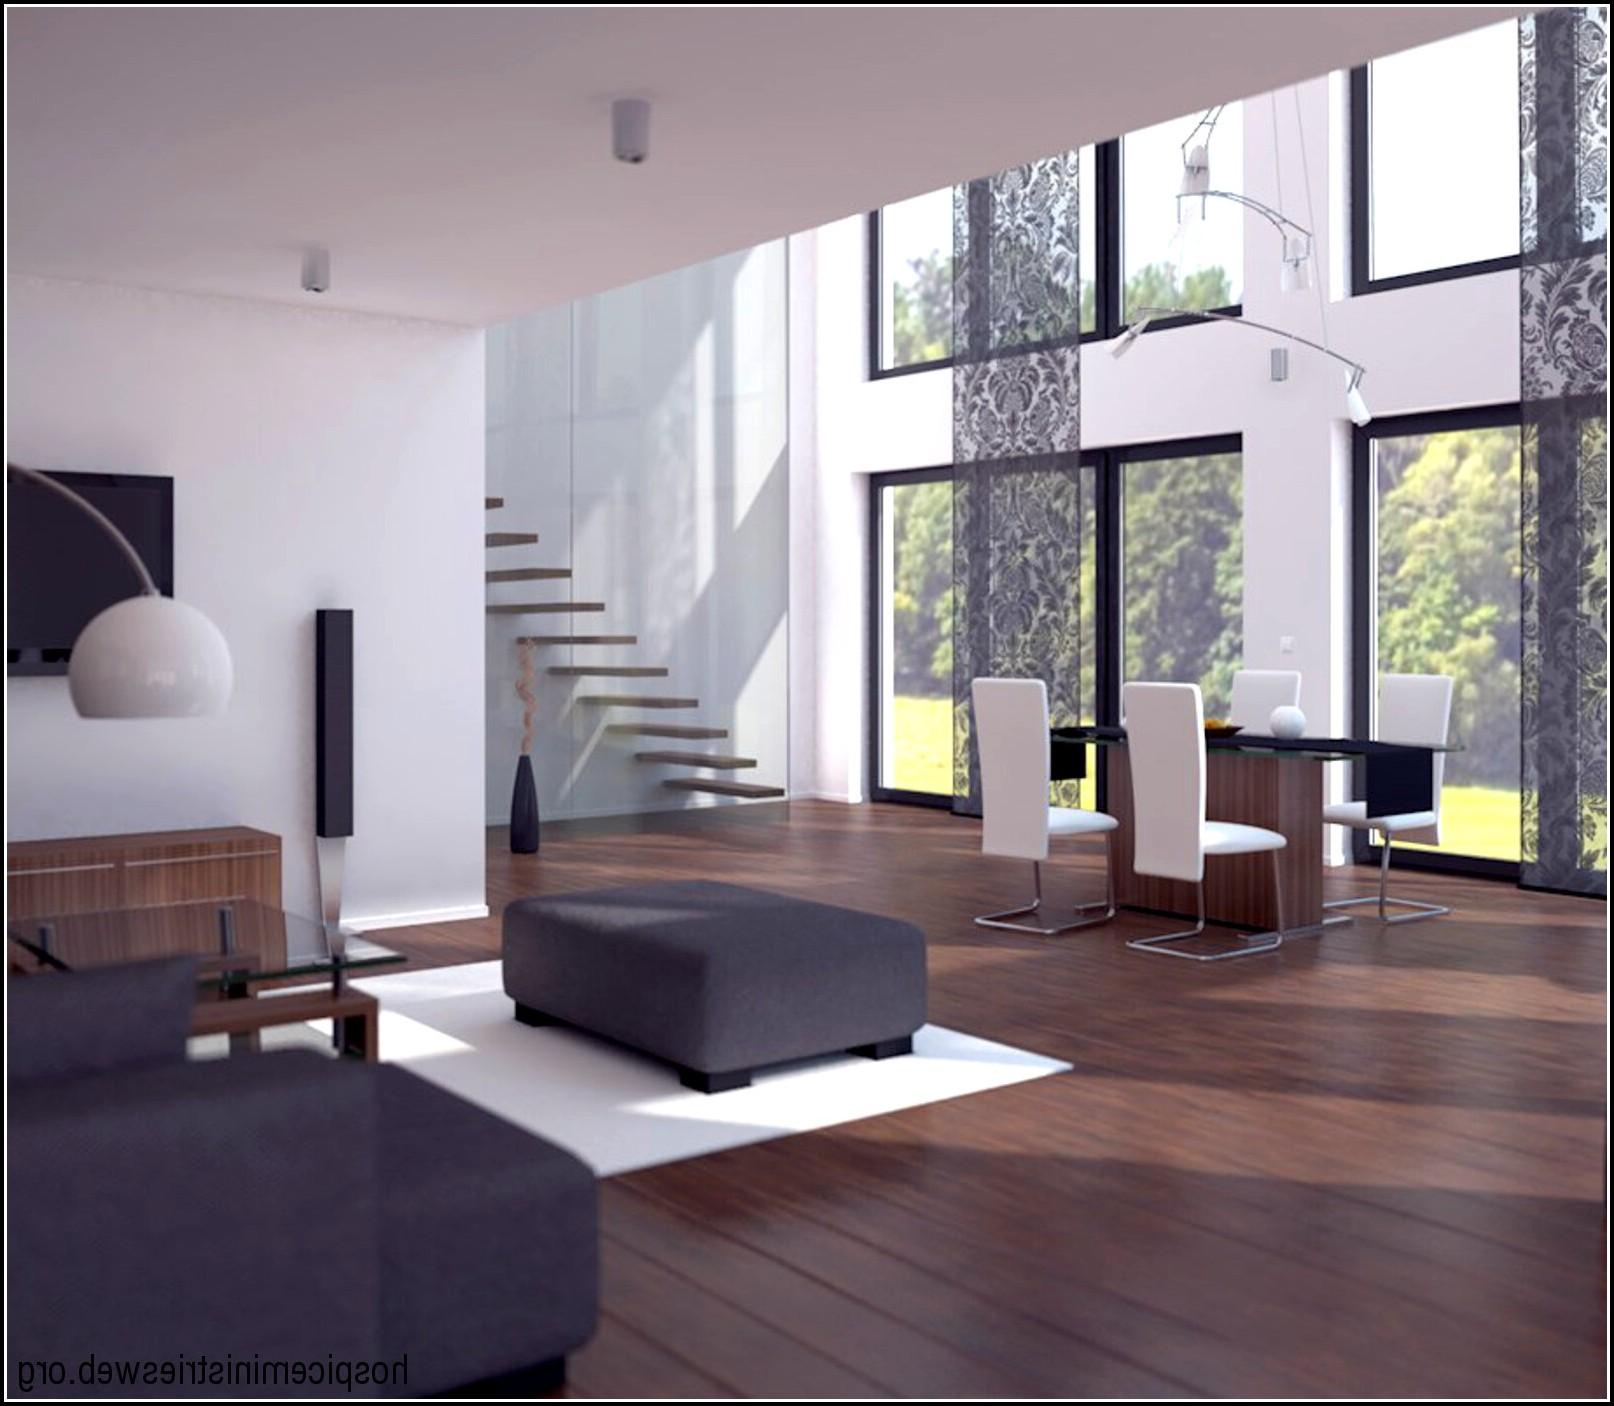 Moderne wohnzimmergestaltung bilder wohnzimmer house for Moderne wohnzimmergestaltung